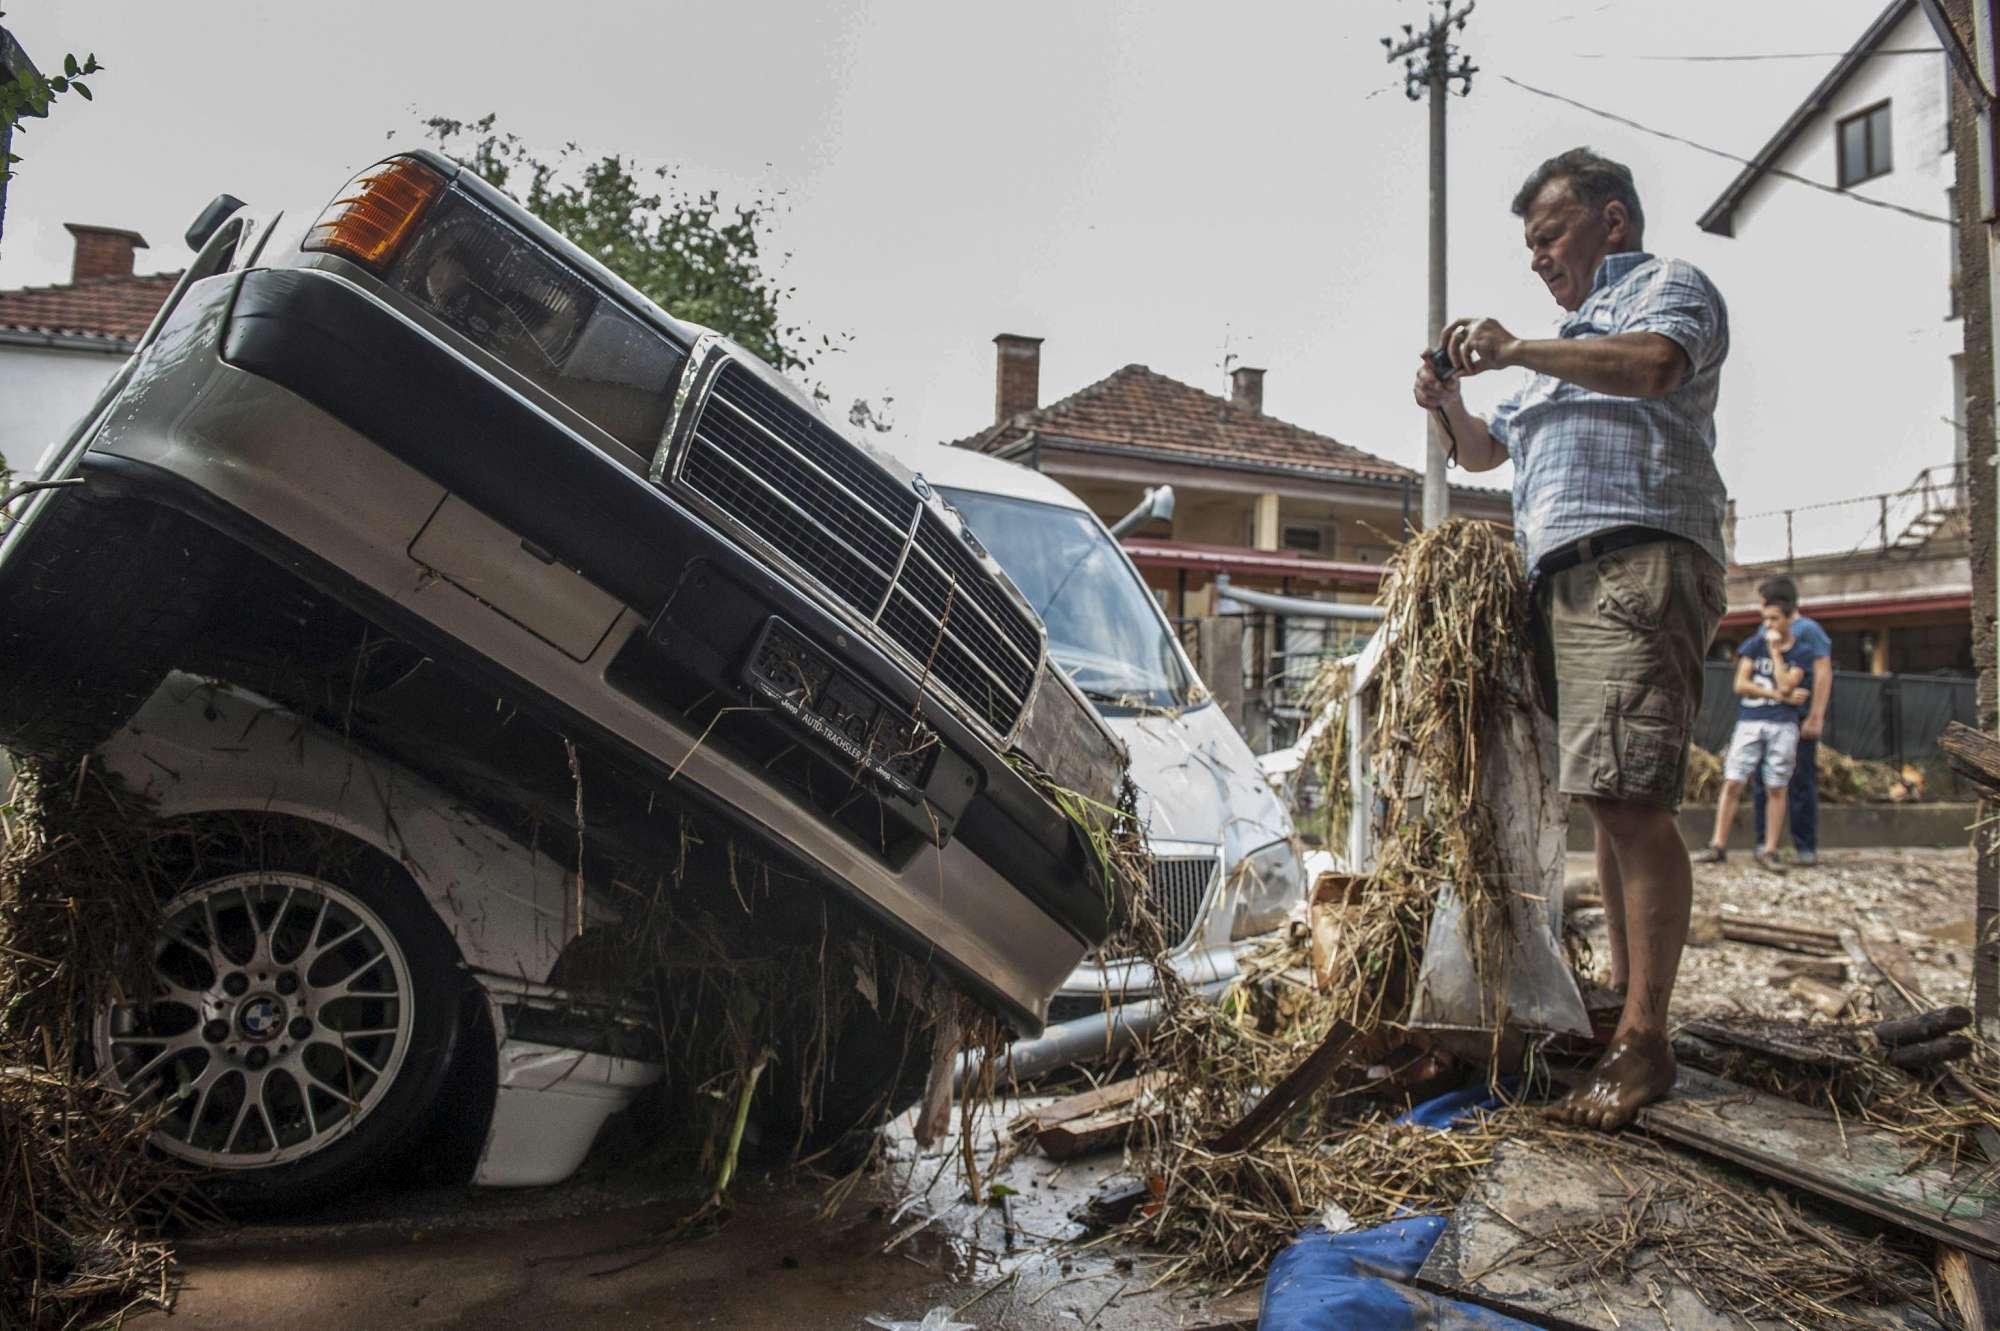 Violente inondazioni in Macedonia, il Paese in ginocchio: morti e feriti